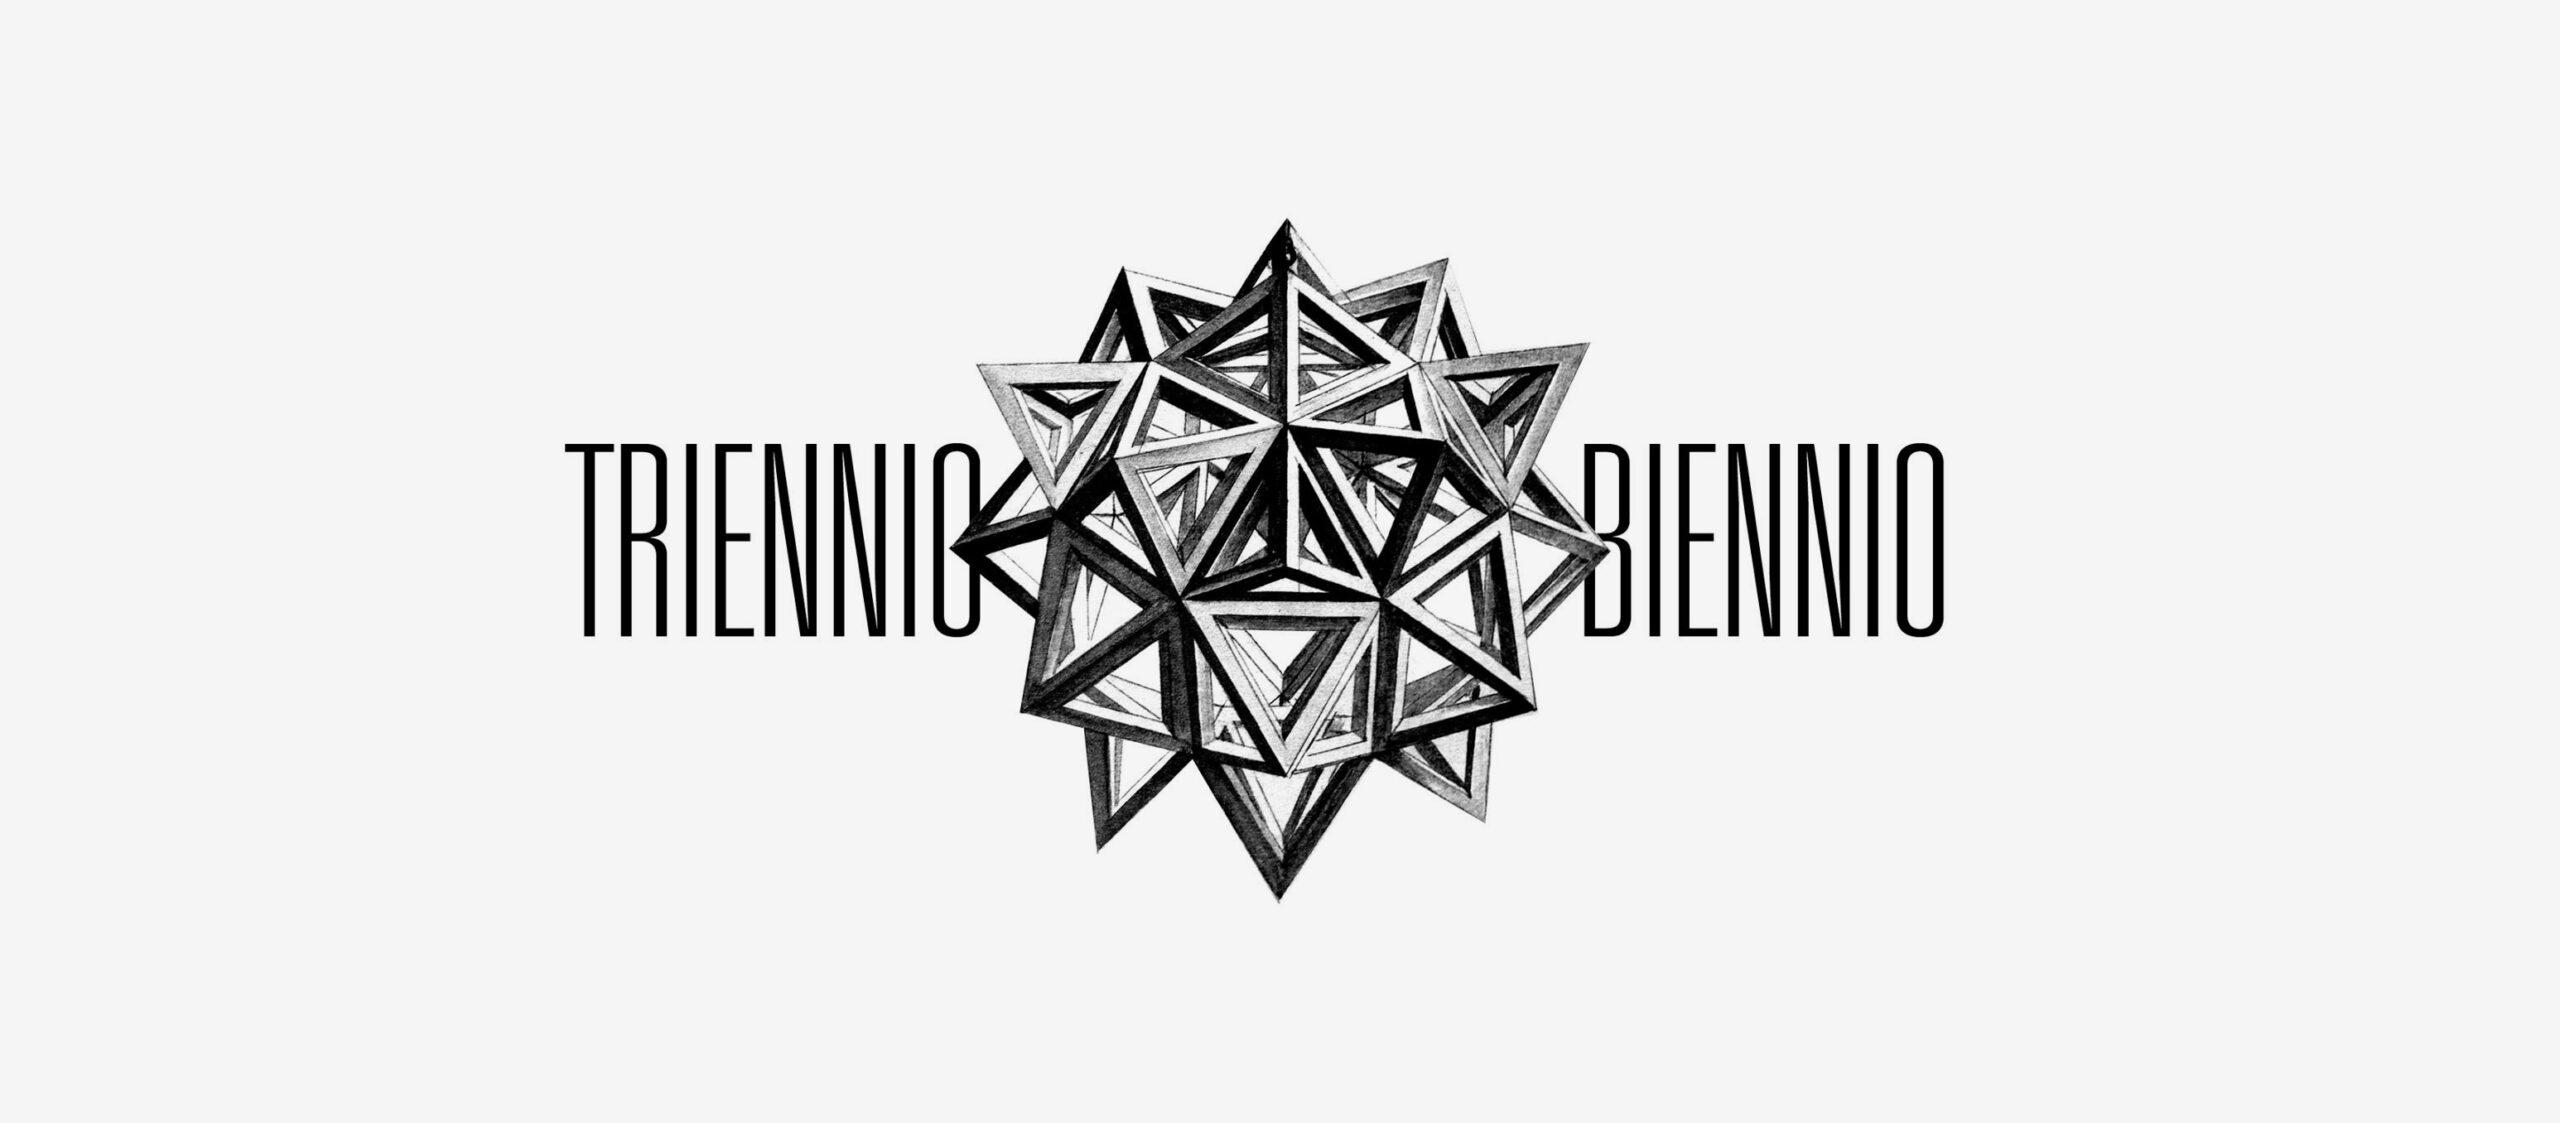 Triennio Biennio